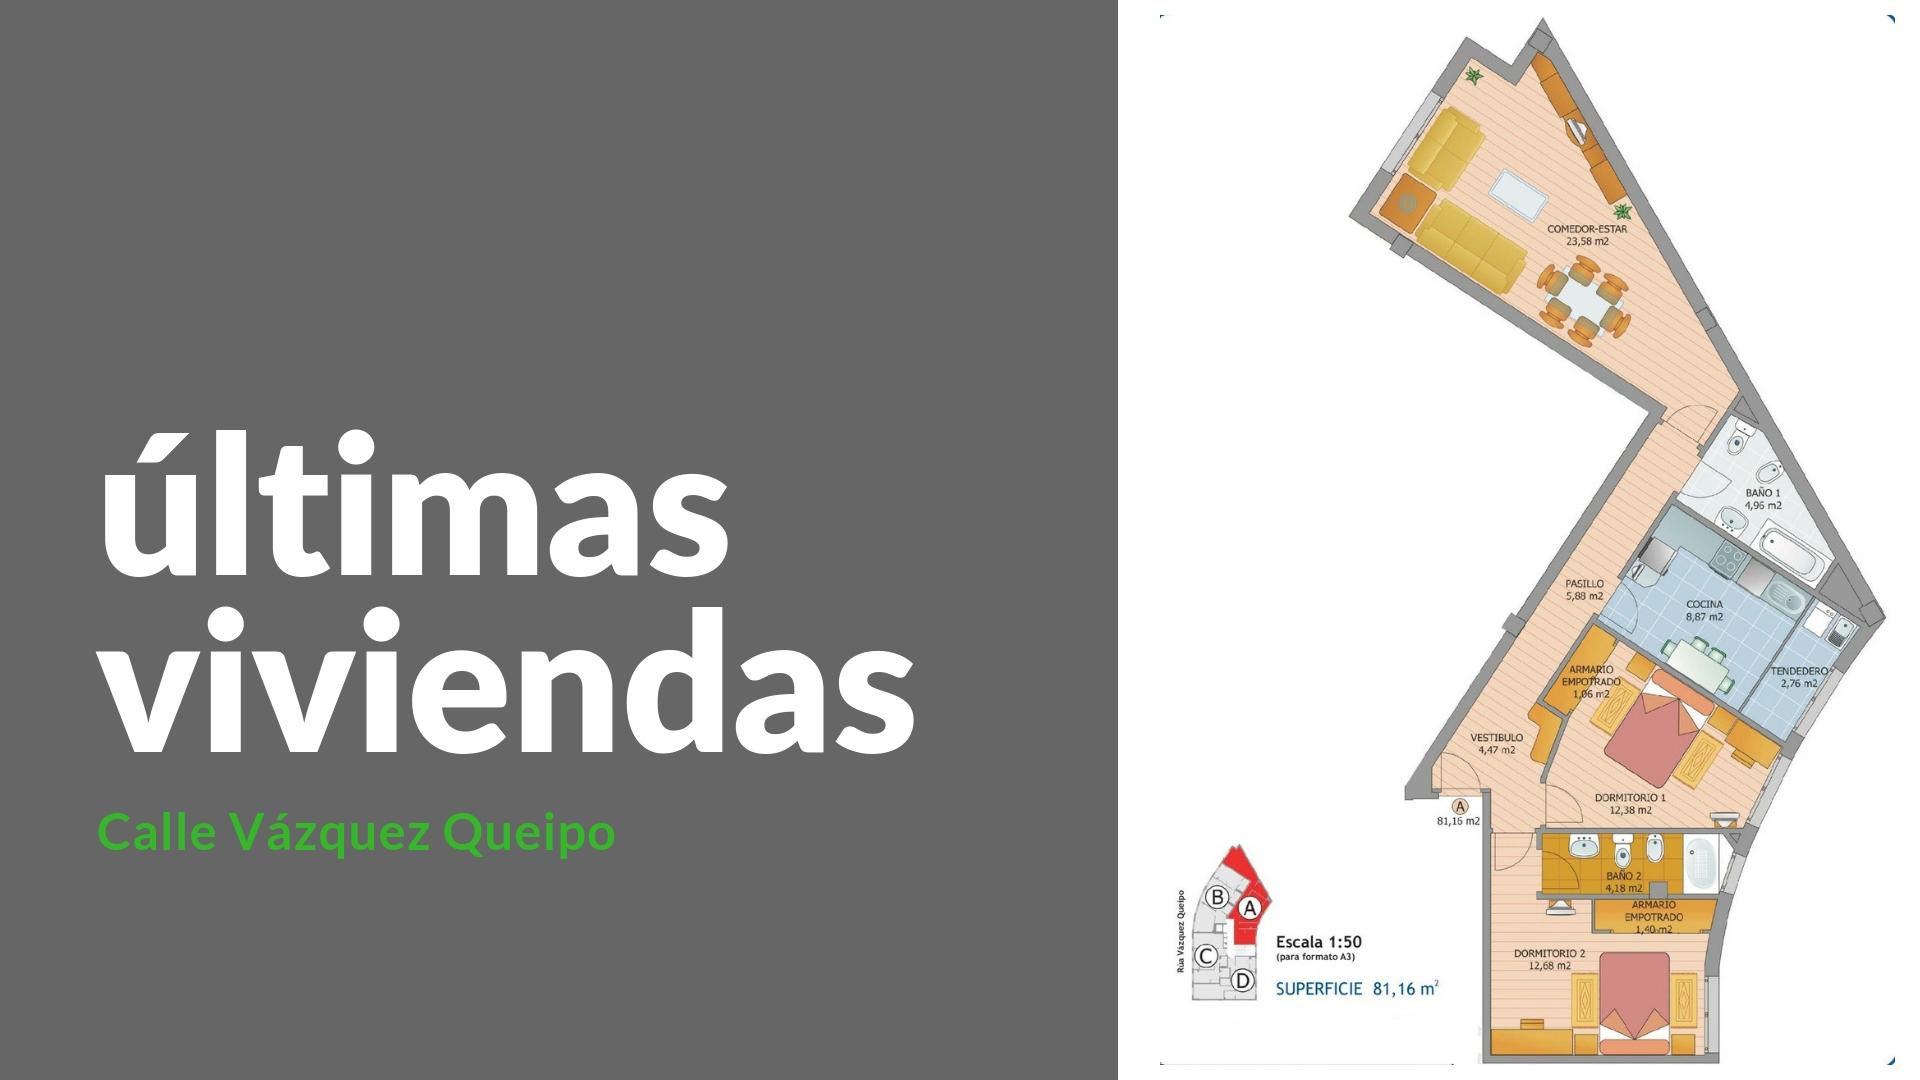 Apartamento con terraza – en Vázquez Queipo en Lugo